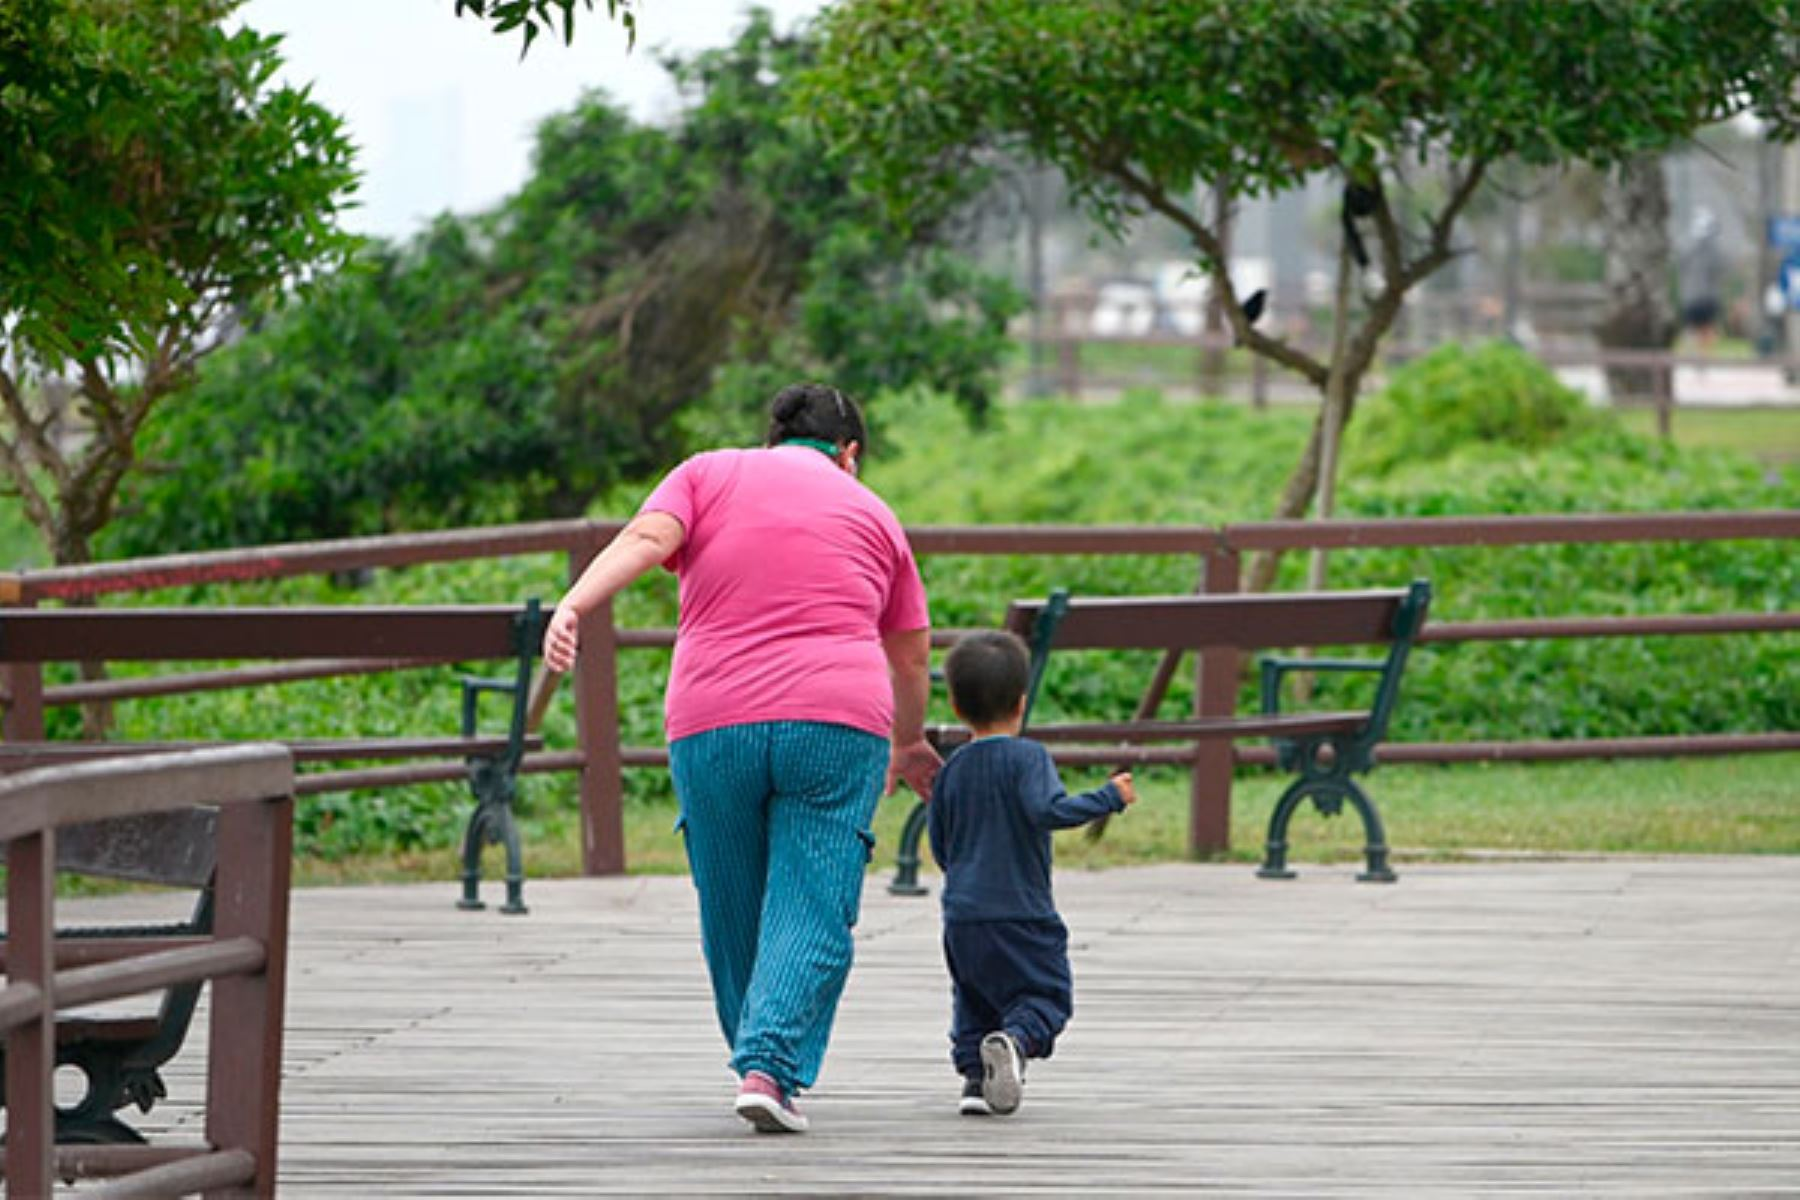 Para diagnosticarse se considera que los síntomas deben presentarse antes de los 7 años. Foto: ANDINA/MML.